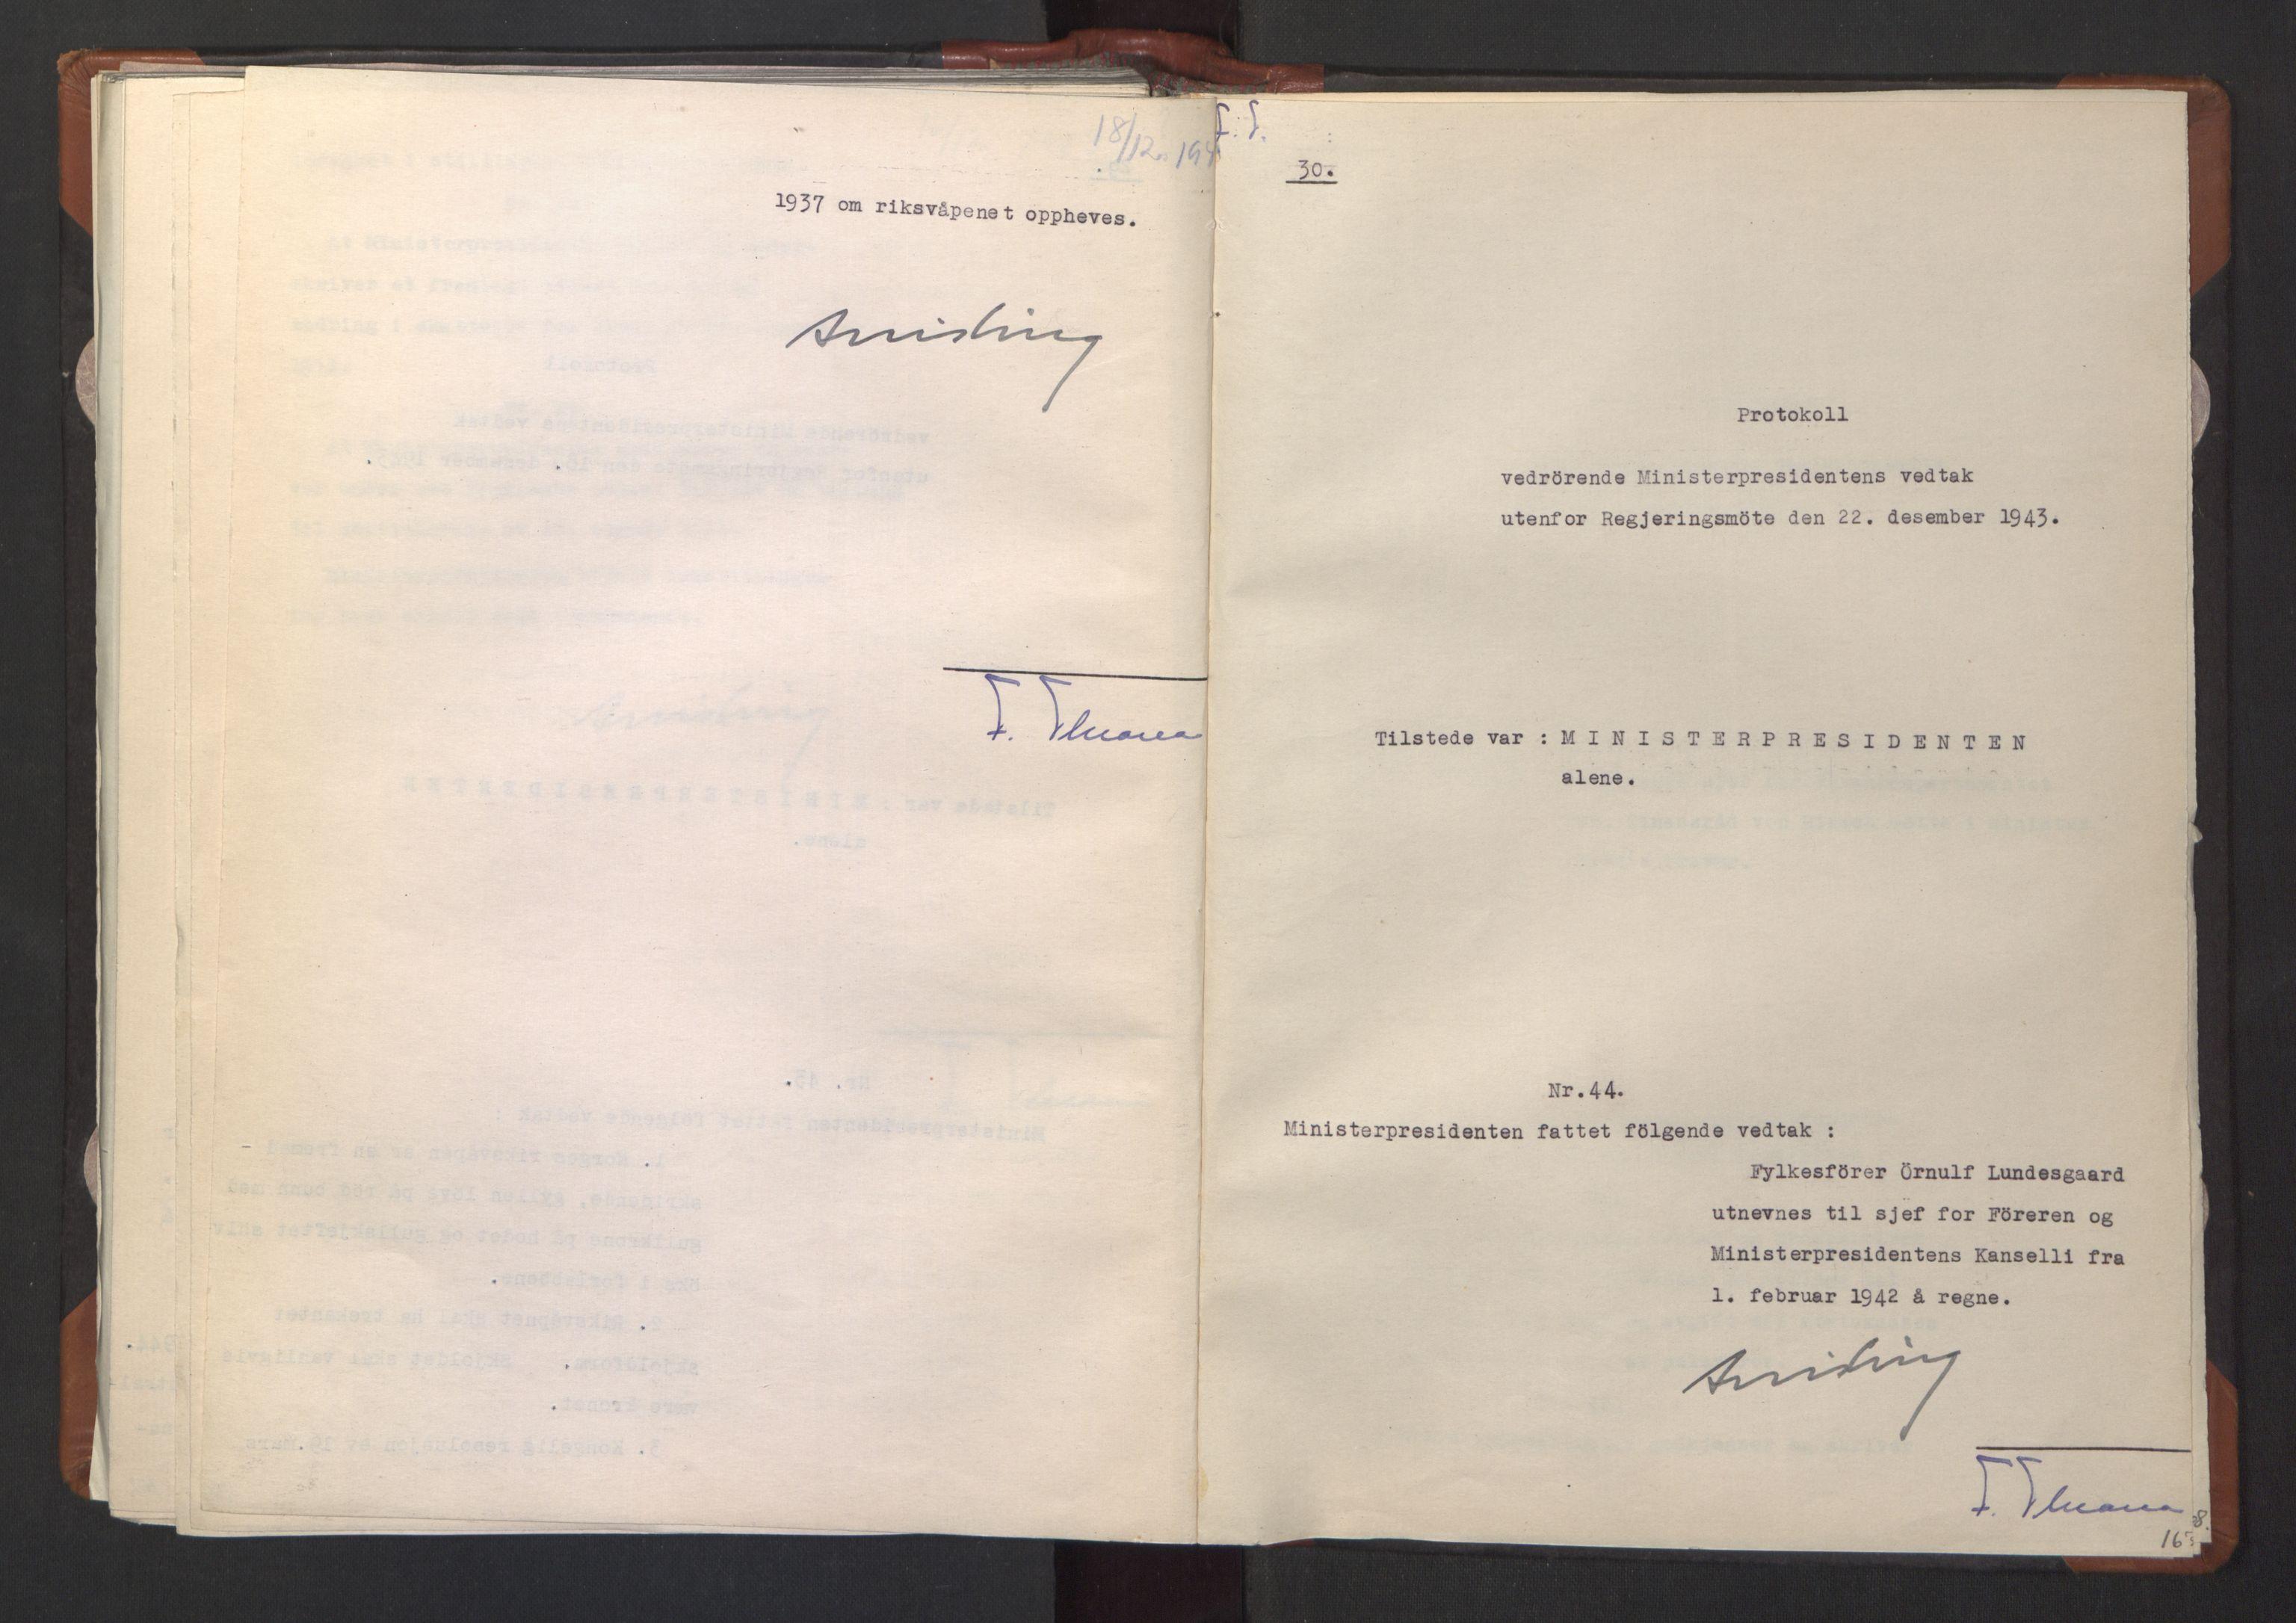 RA, NS-administrasjonen 1940-1945 (Statsrådsekretariatet, de kommisariske statsråder mm), D/Da/L0003: Vedtak (Beslutninger) nr. 1-746 og tillegg nr. 1-47 (RA. j.nr. 1394/1944, tilgangsnr. 8/1944, 1943, s. 166b-167a